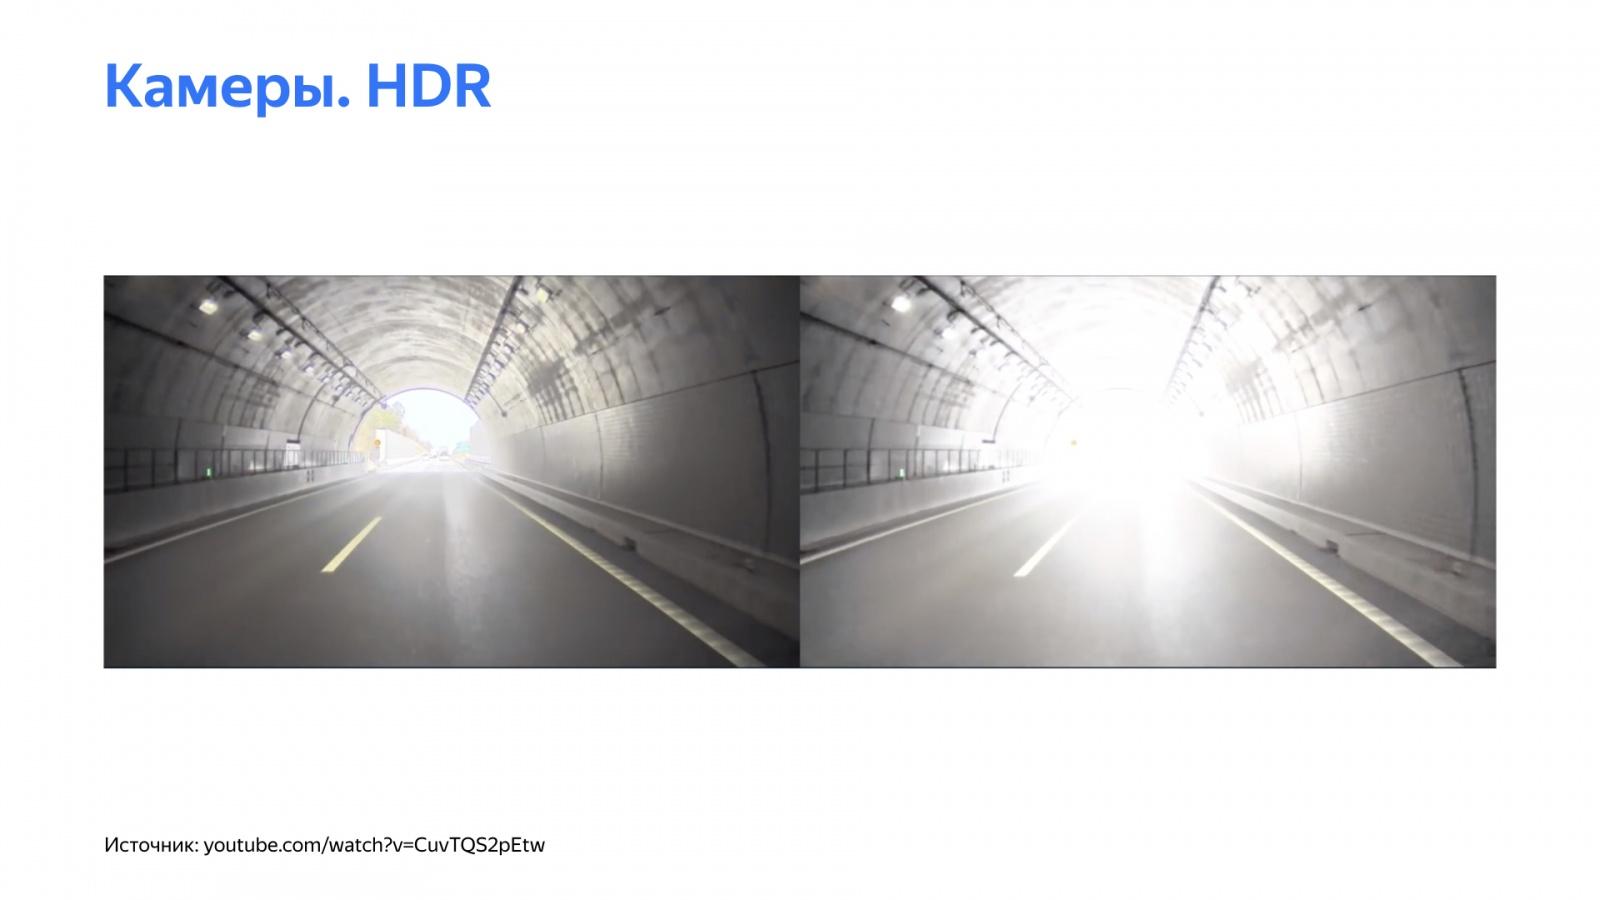 Беспилотный автомобиль: оживляем алгоритмы. Доклад Яндекса - 15